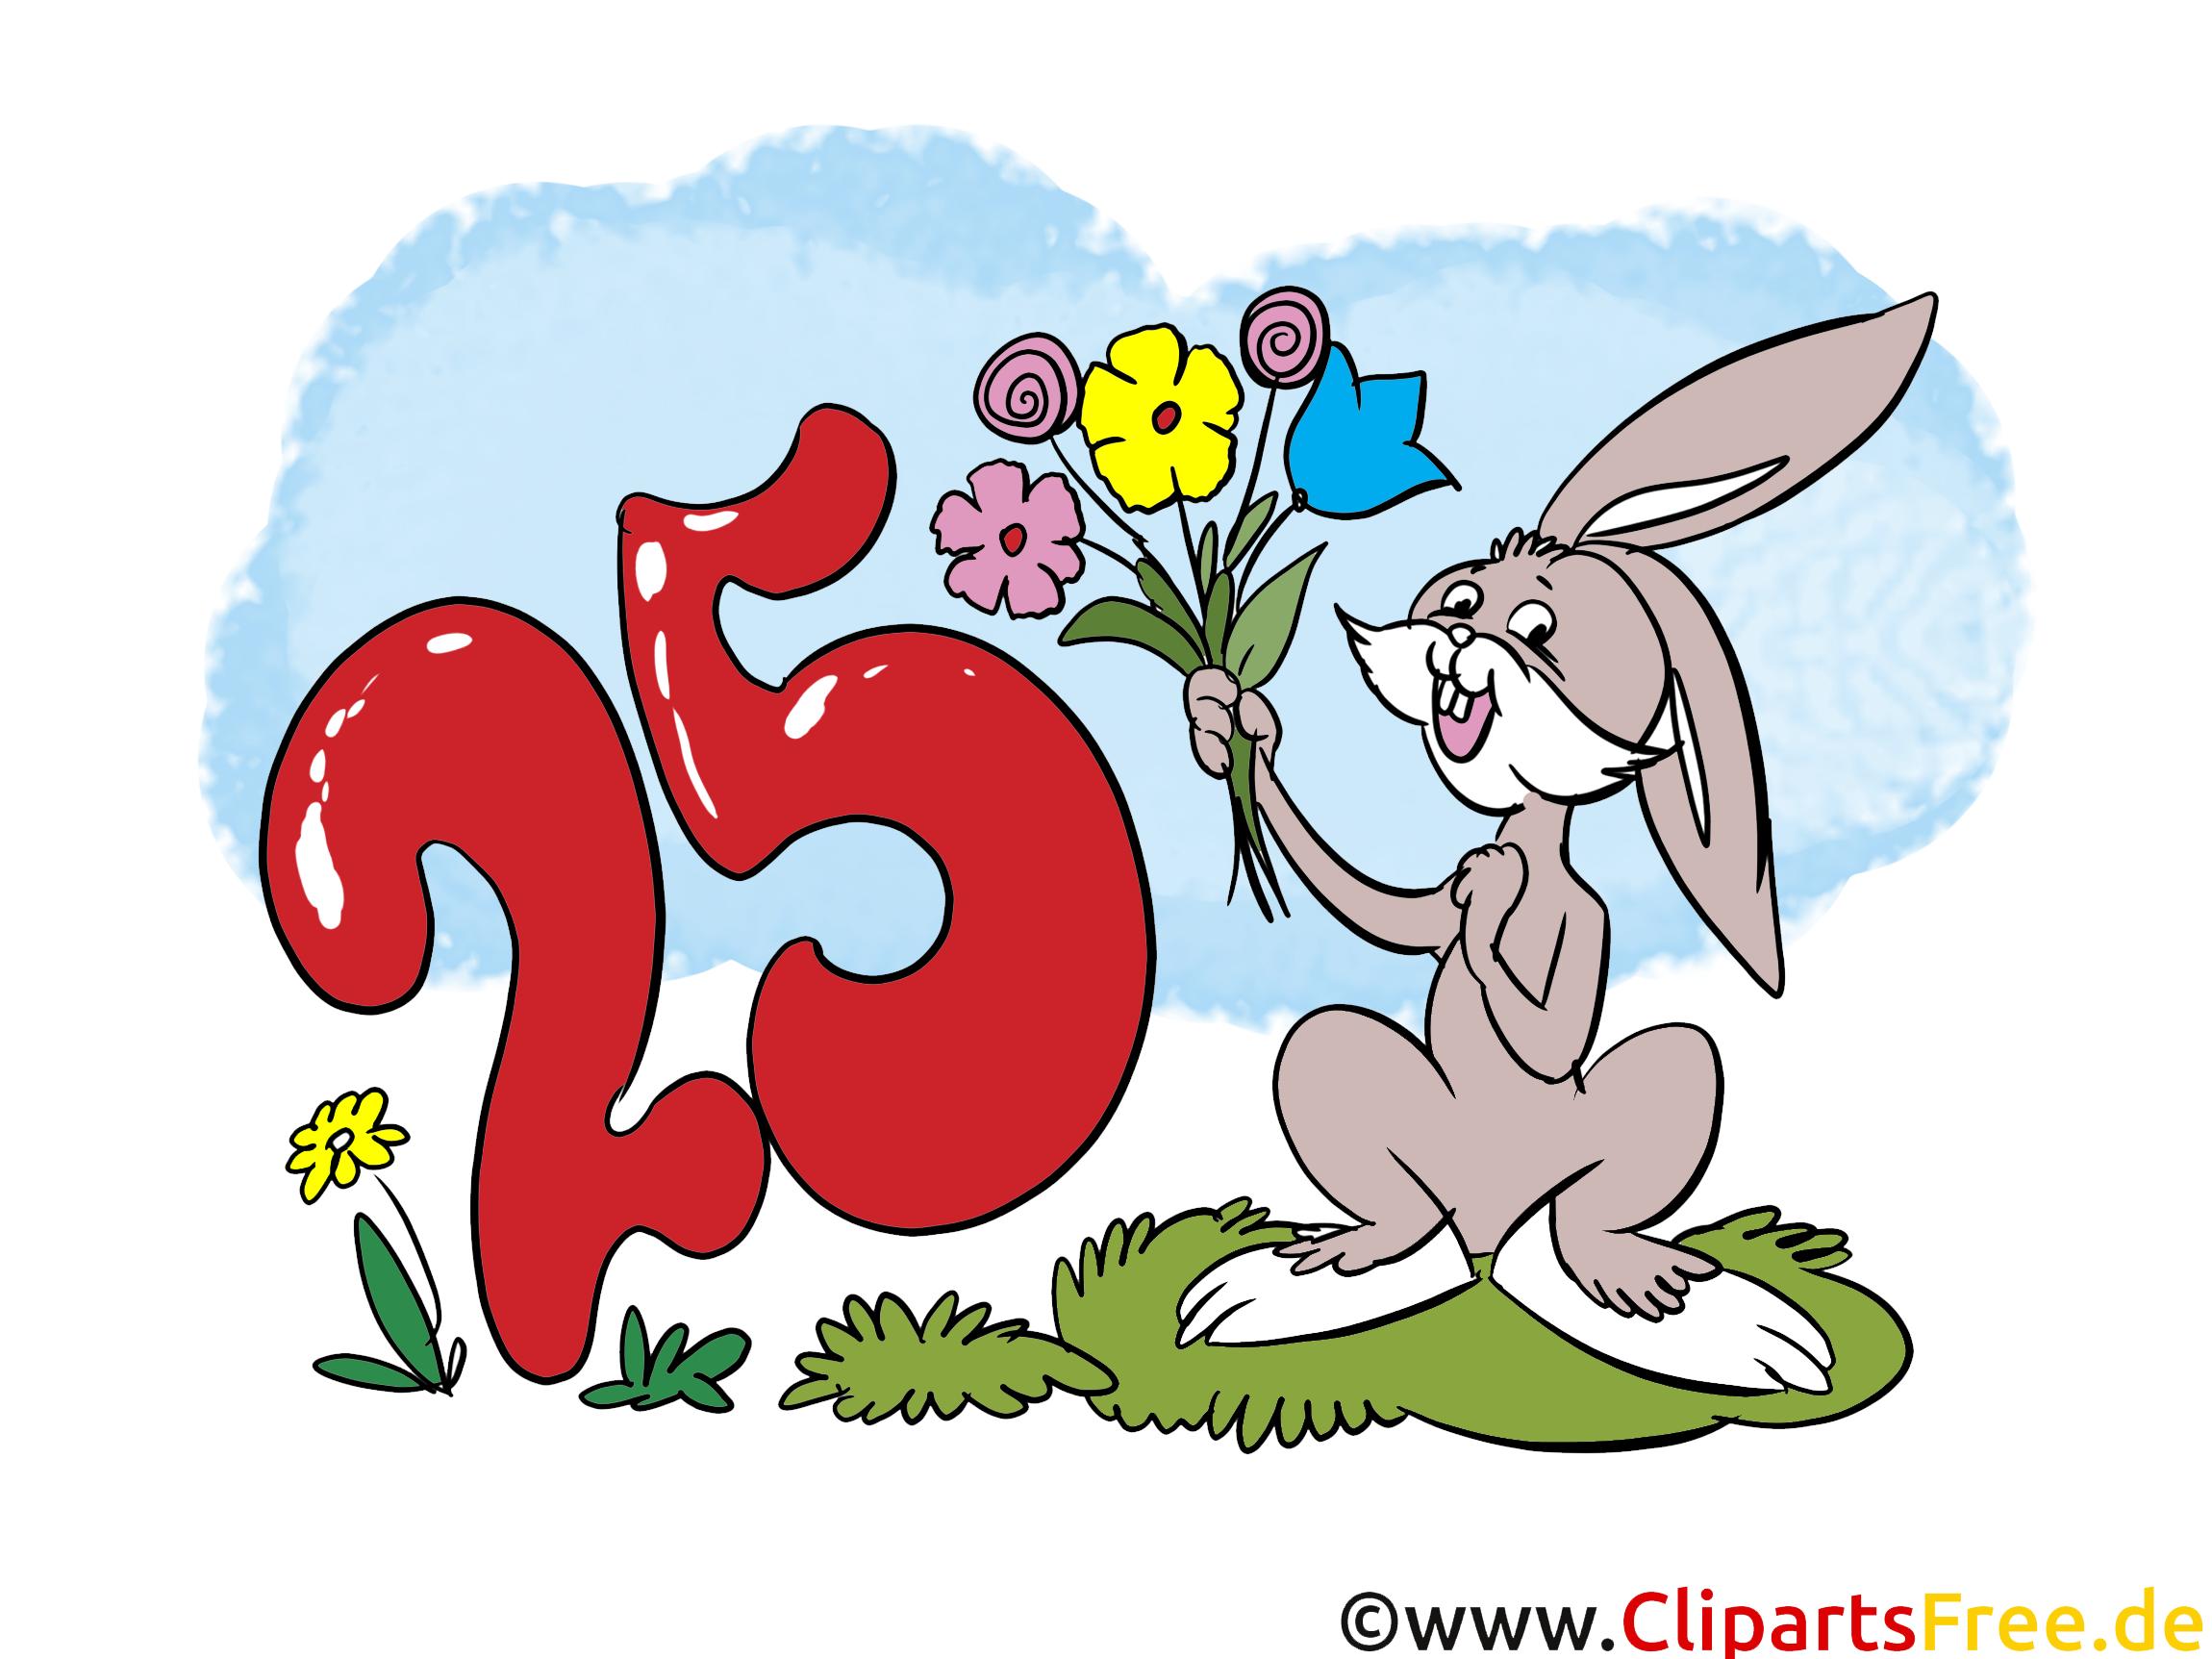 Li vre 25 ans image gratuite anniversaire clipart - Clipart anniversaire gratuit ...